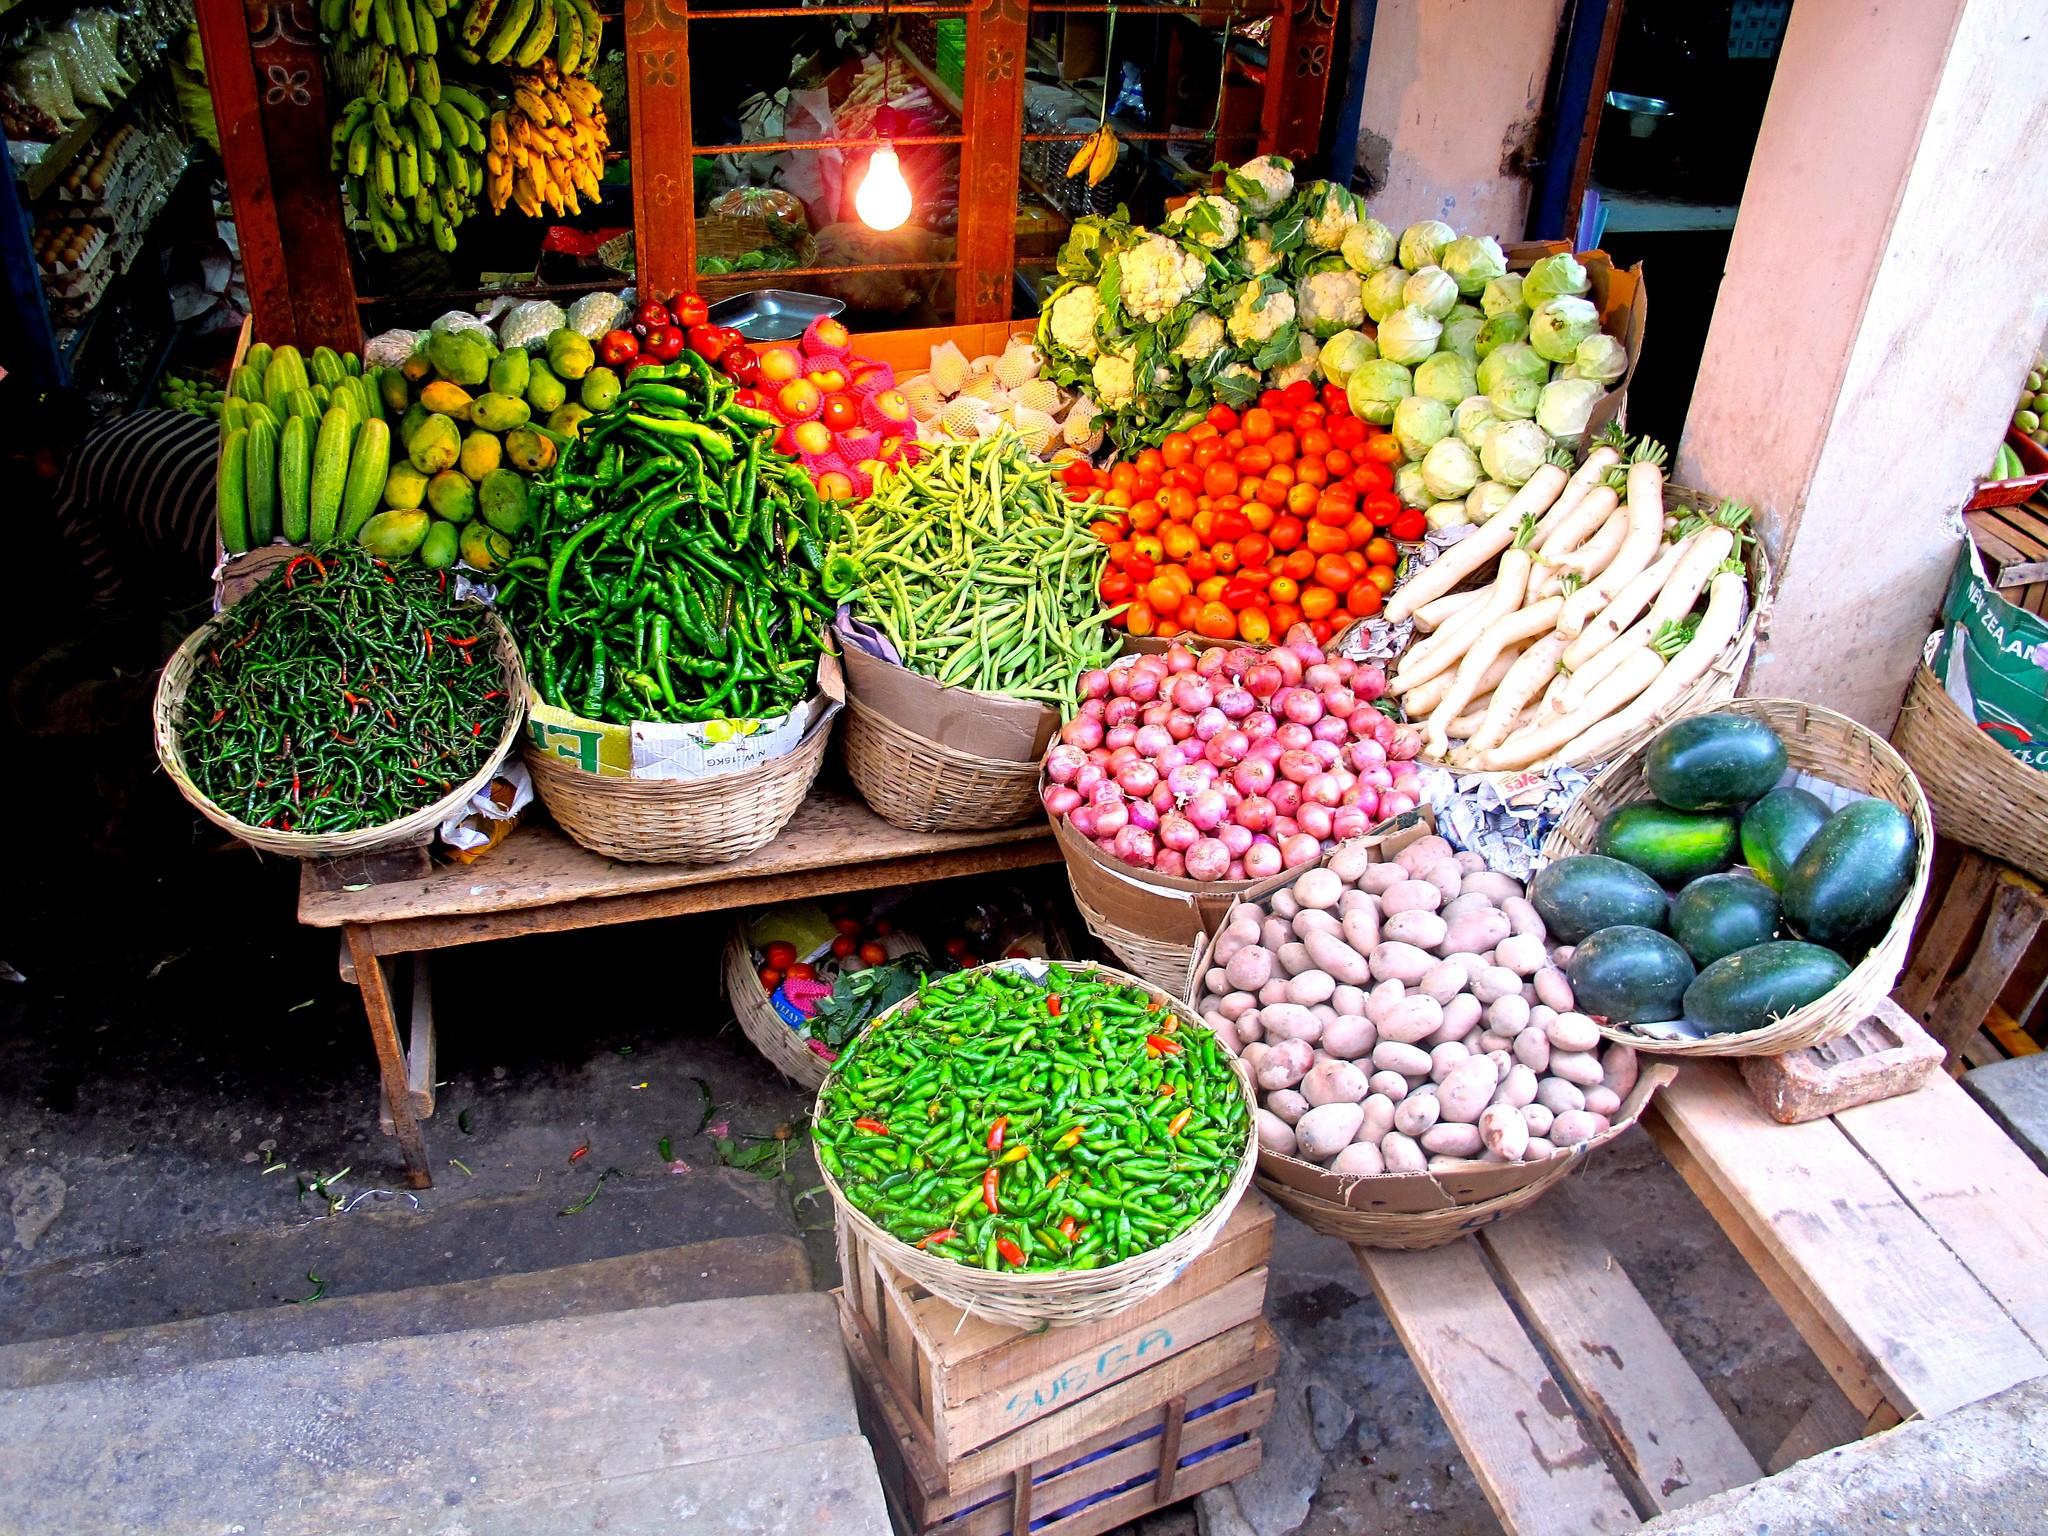 verdura_hortifruti_frutas_legumes (Foto: Creative Commons / Flickr)